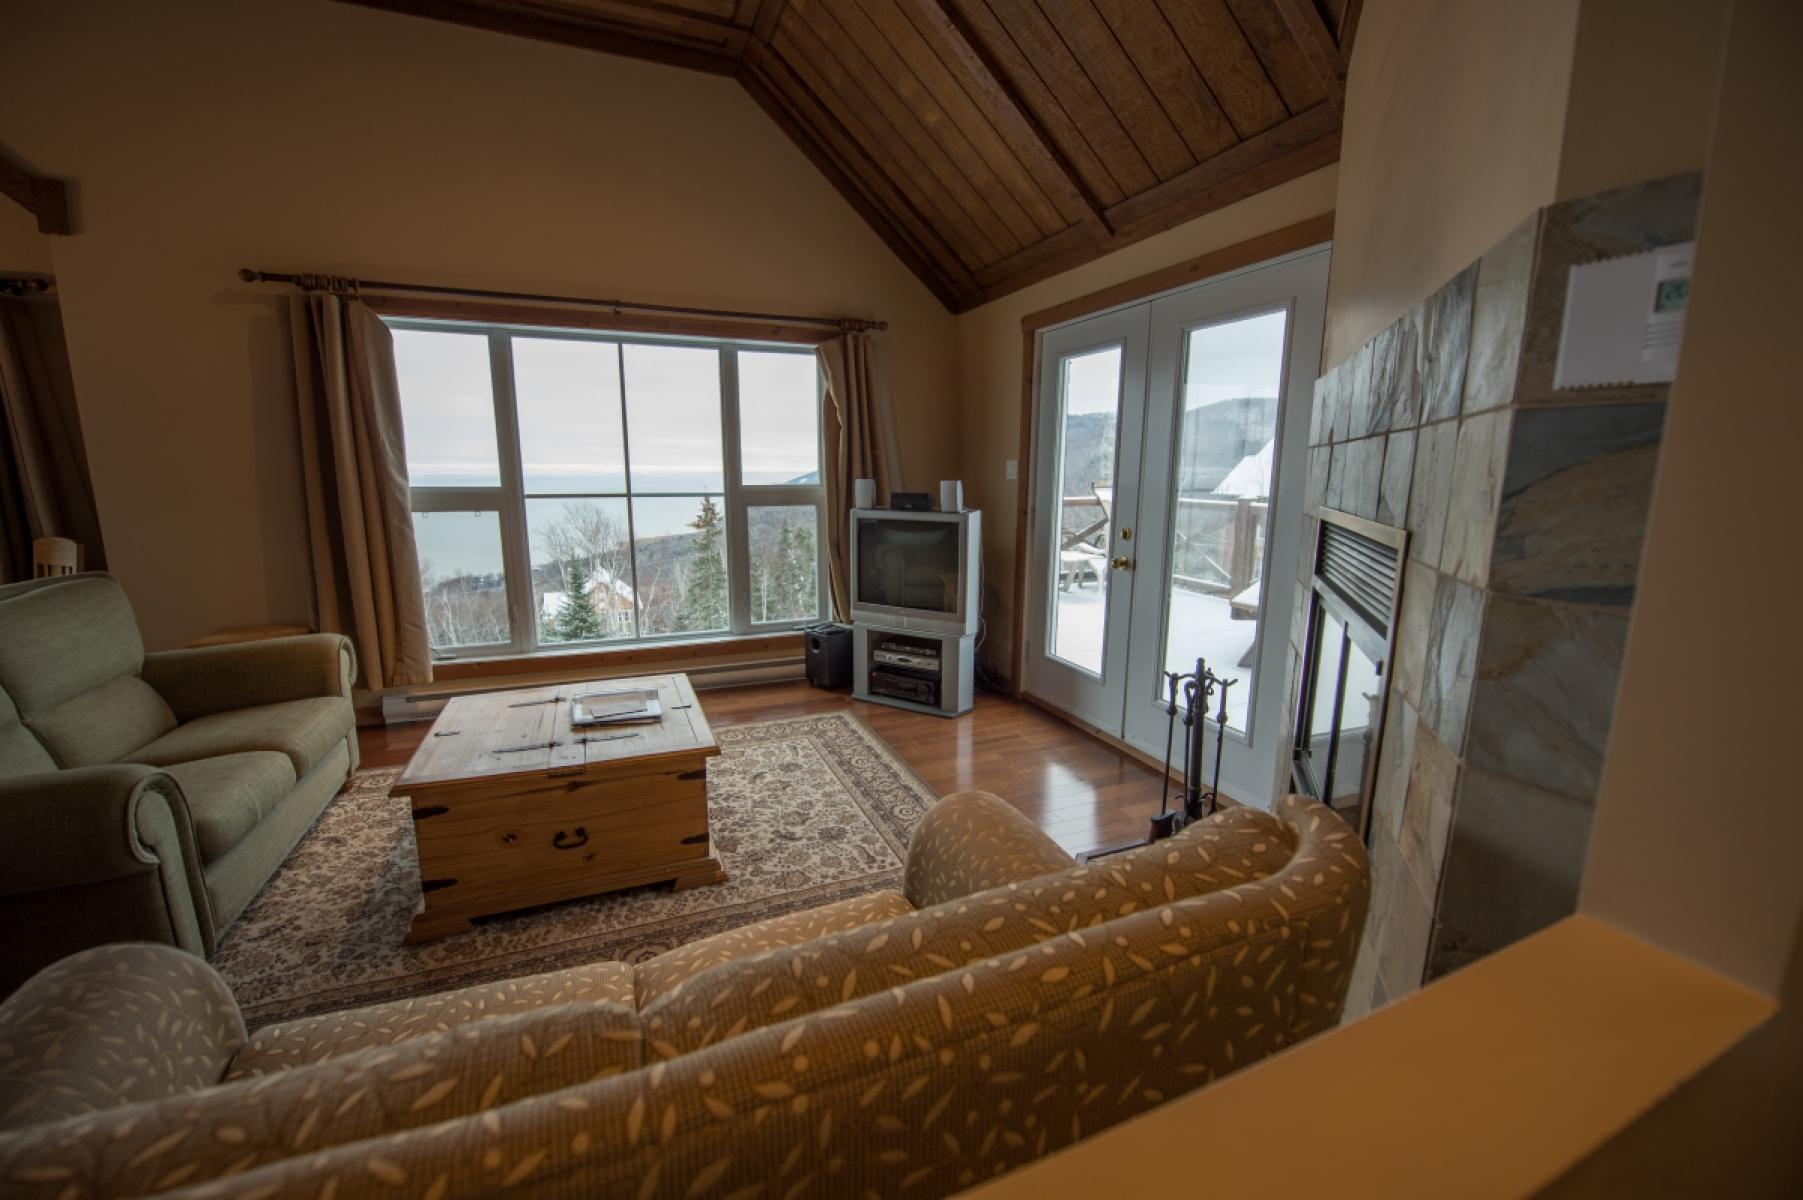 livingroom rental le cottage massif charlevoix lestran the view units bedroom l both on estran ski en rentals cottages chalets